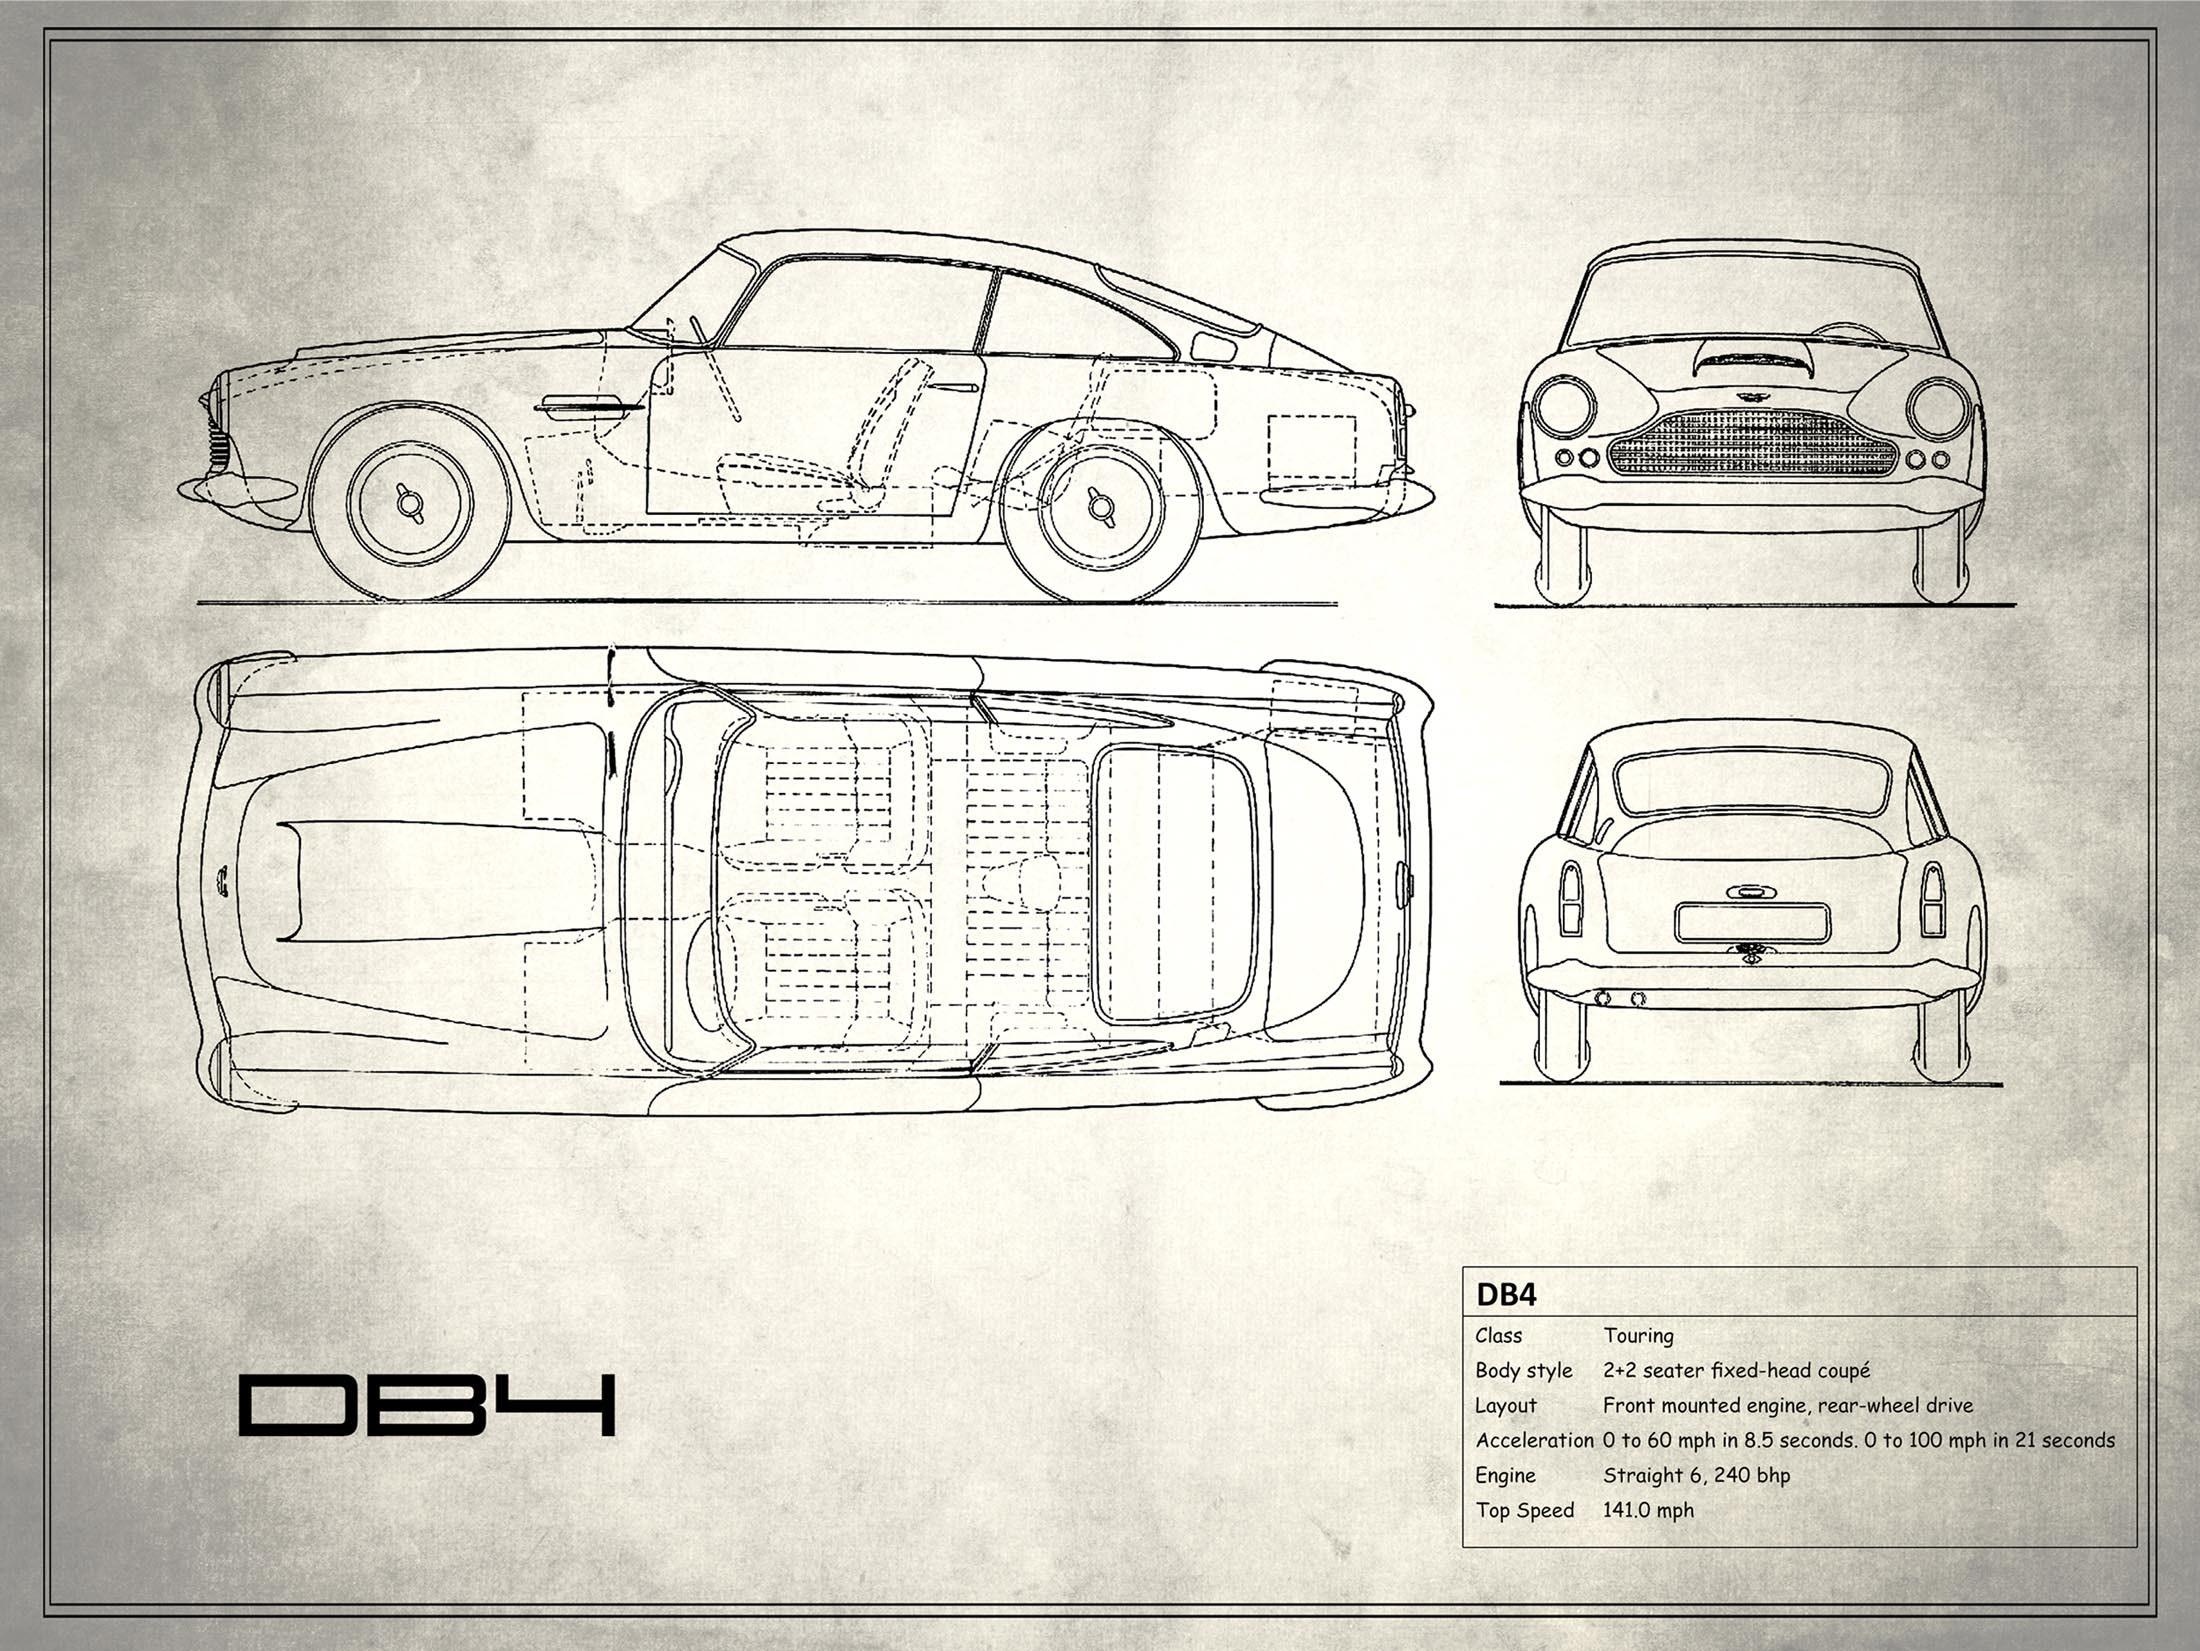 Aston Martin DB4 - White